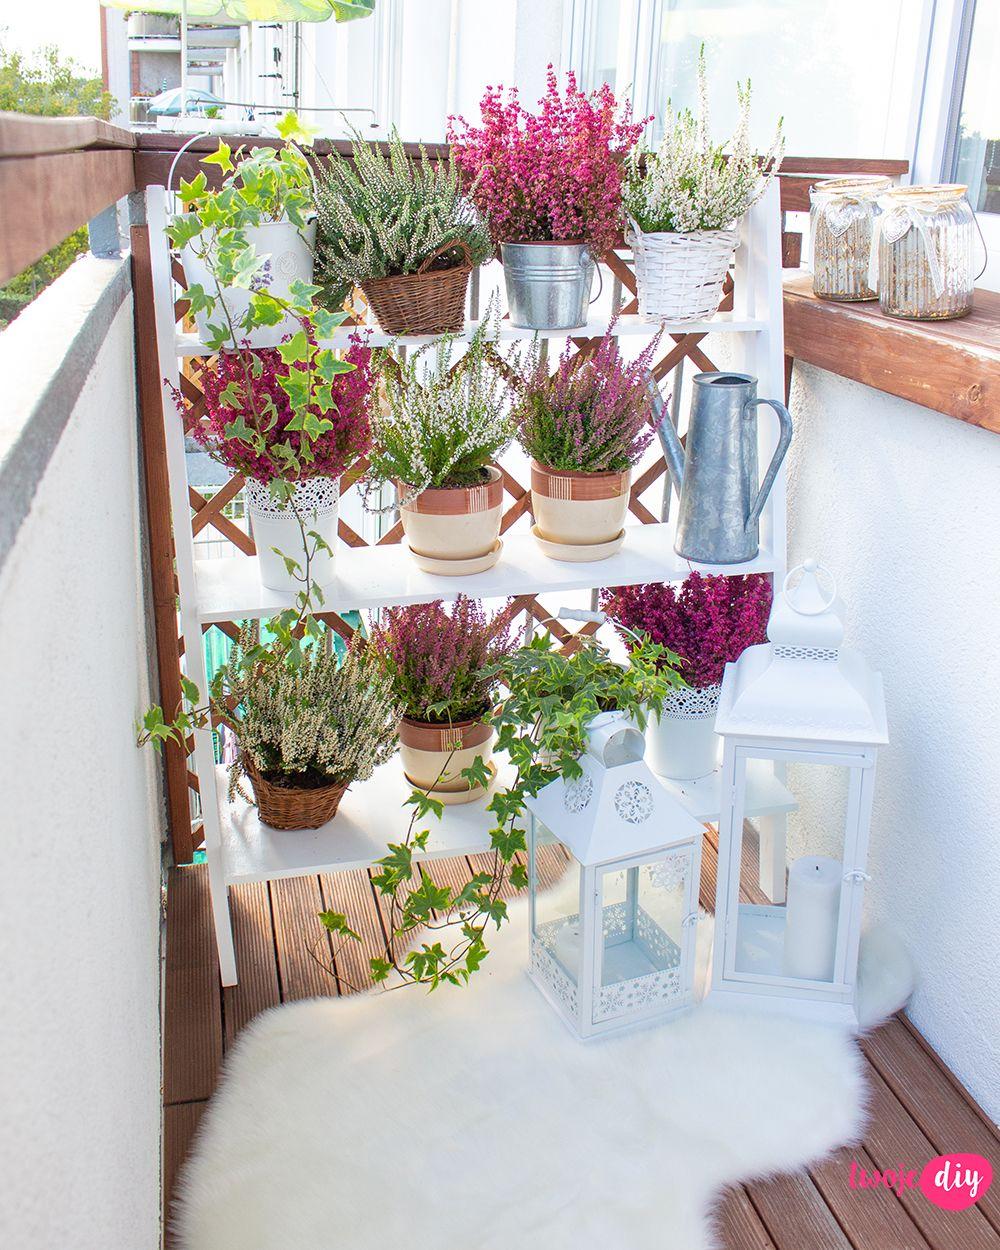 Polka Na Balkon Diy Prowadze Pytanie Na Sniadanie Extra Odcinek 13 Twoje Diy Balcony Flowers Balcony Decor Garden Decor